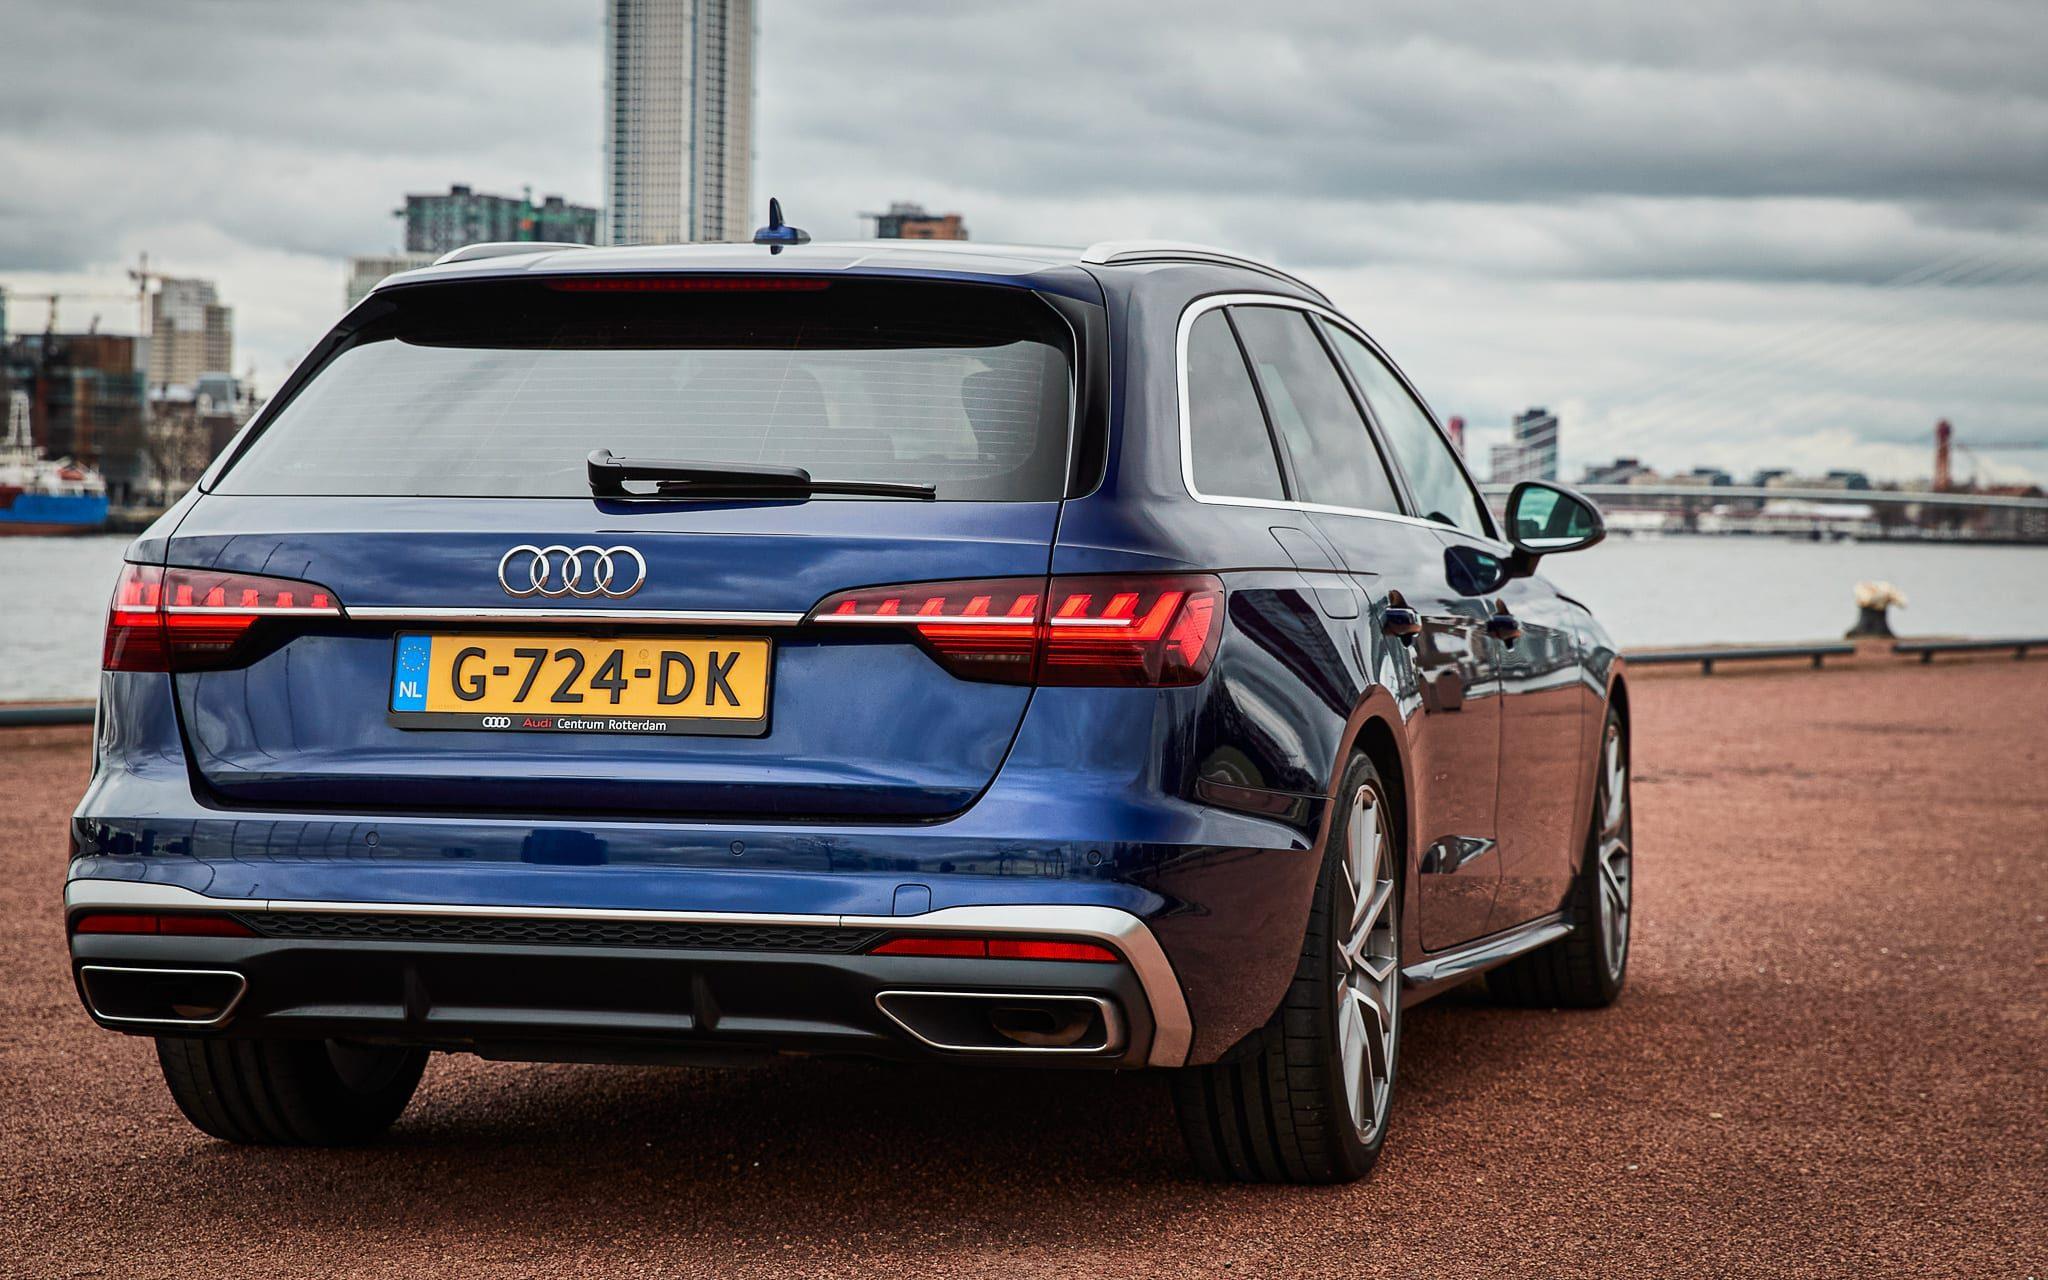 Audi A4 Avant ruimte achterin nieuw